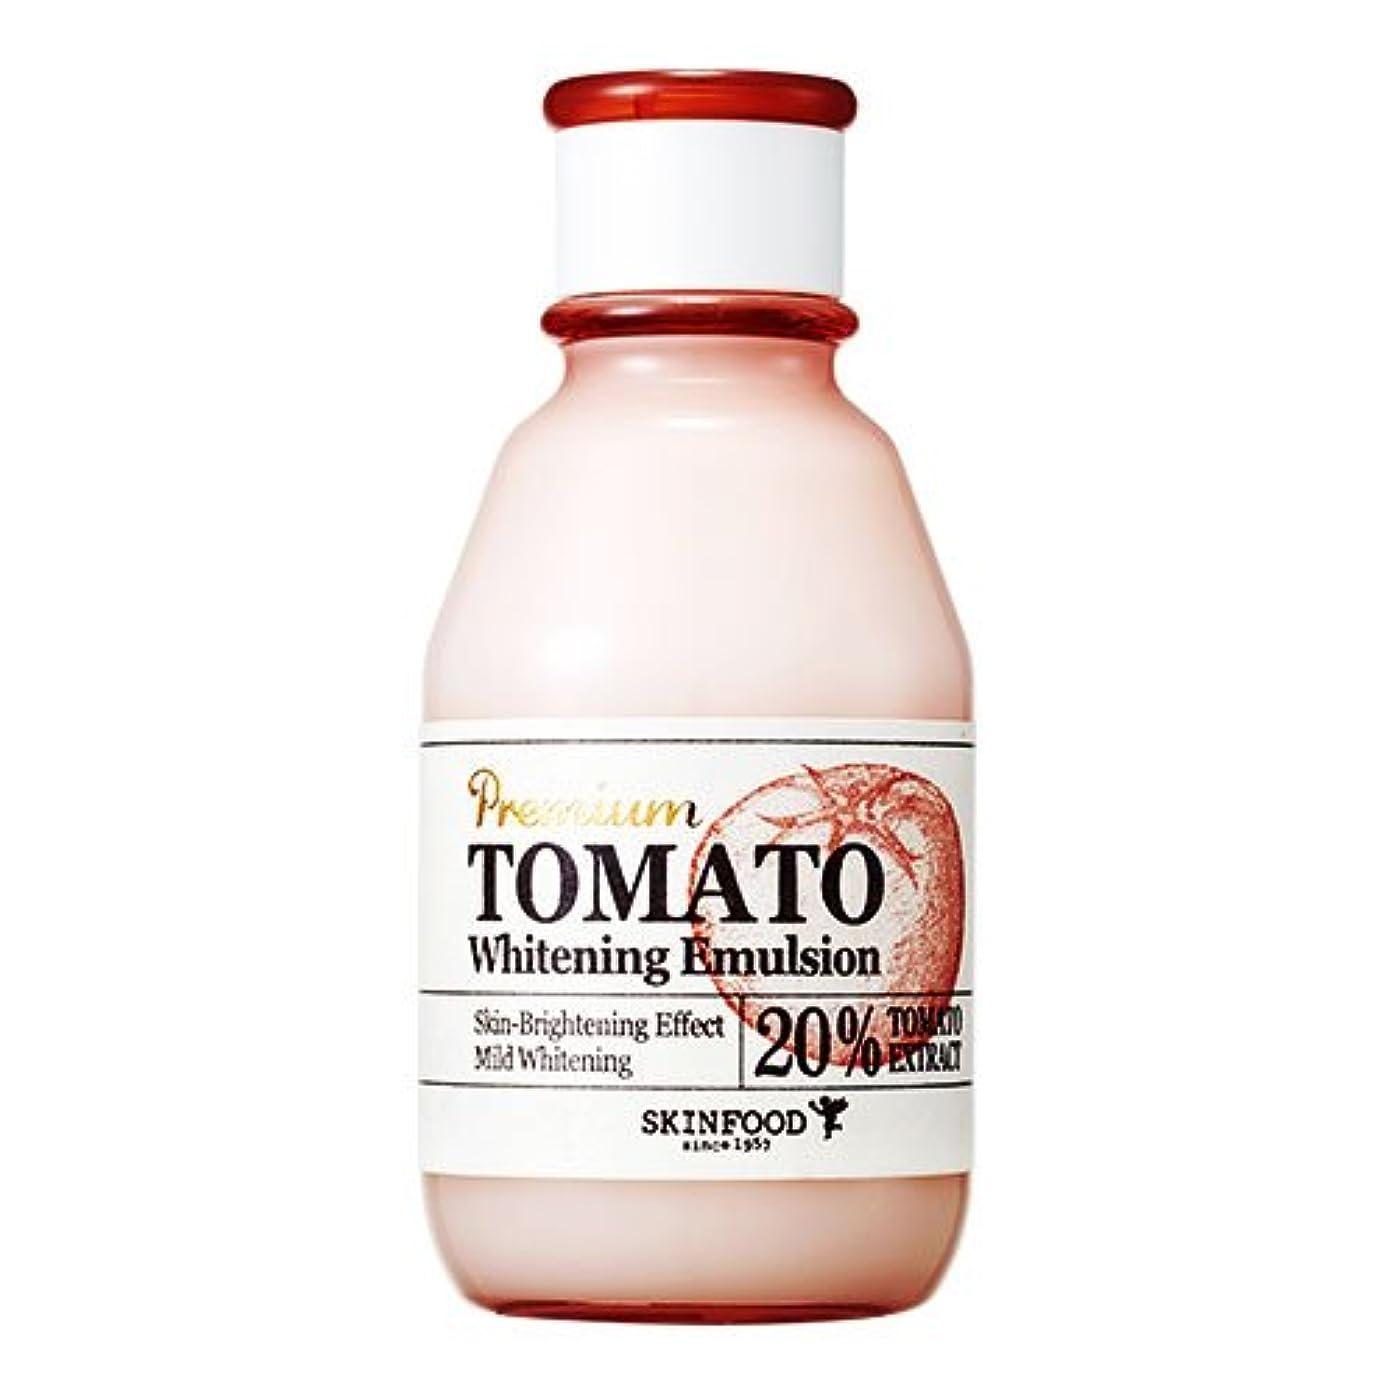 マージンアジア人更新する[スキンフード] SKINFOOD プレミアムトマトホワイトニングエマルジョン Premium Tomato Whitening Emulsion (海外直送品) [並行輸入品]